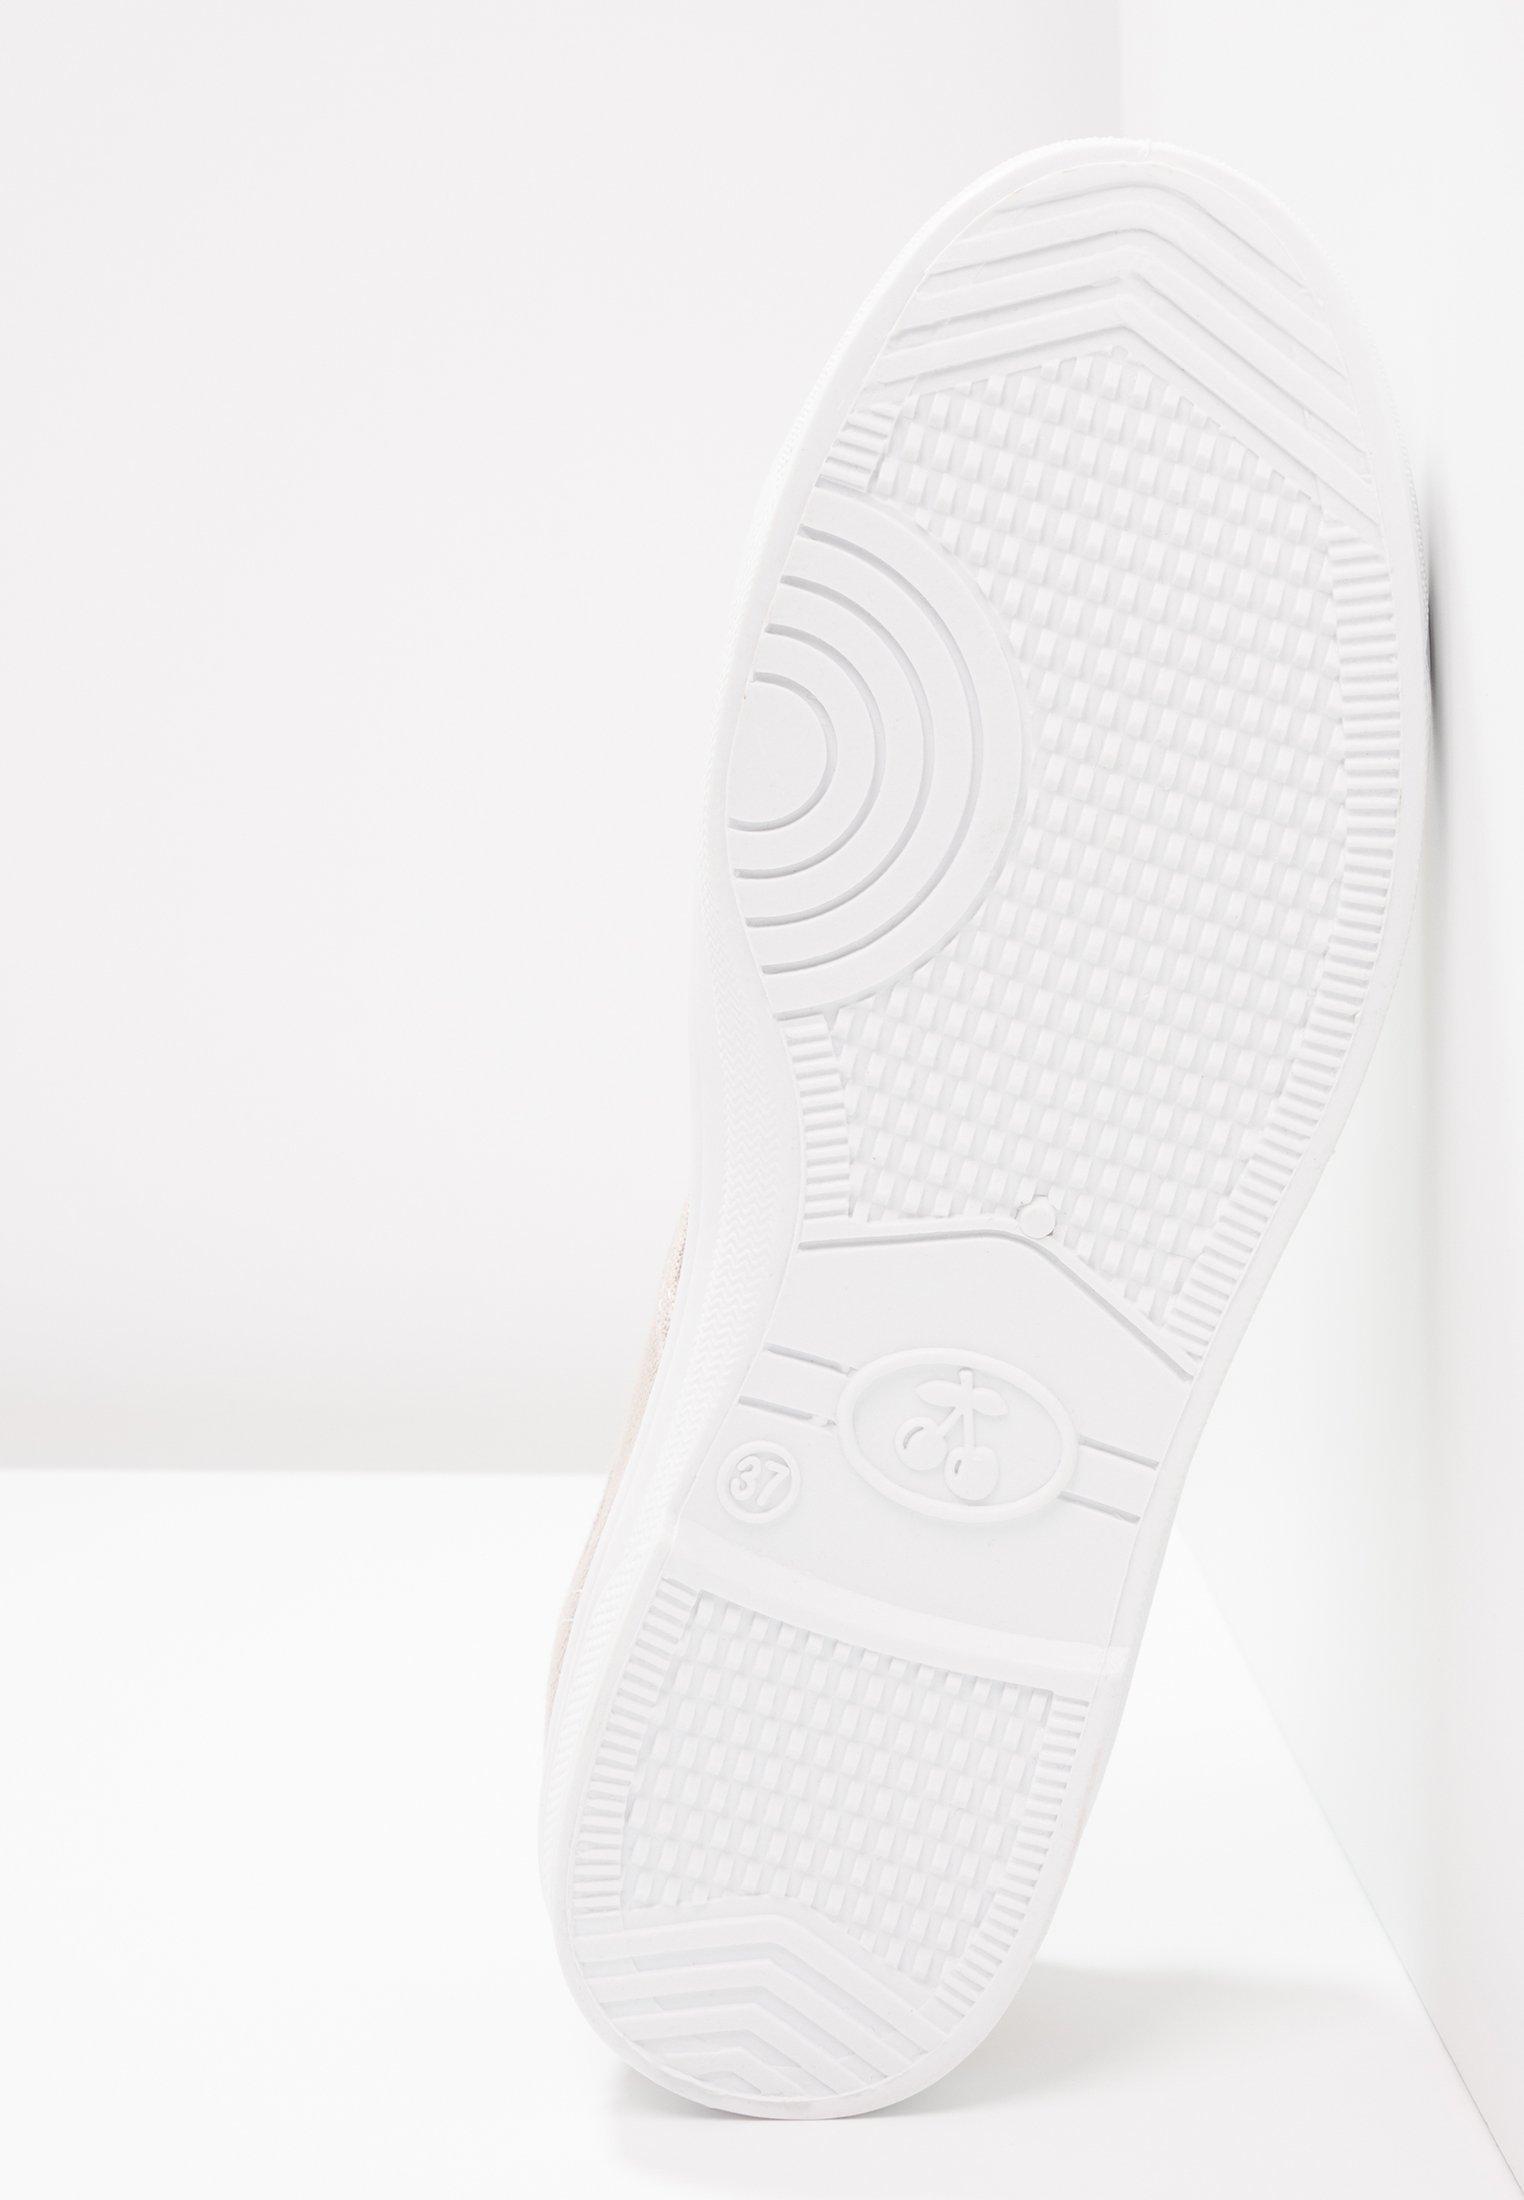 Baskets femme LE TEMPS DES CERISES basic 02 gris clair